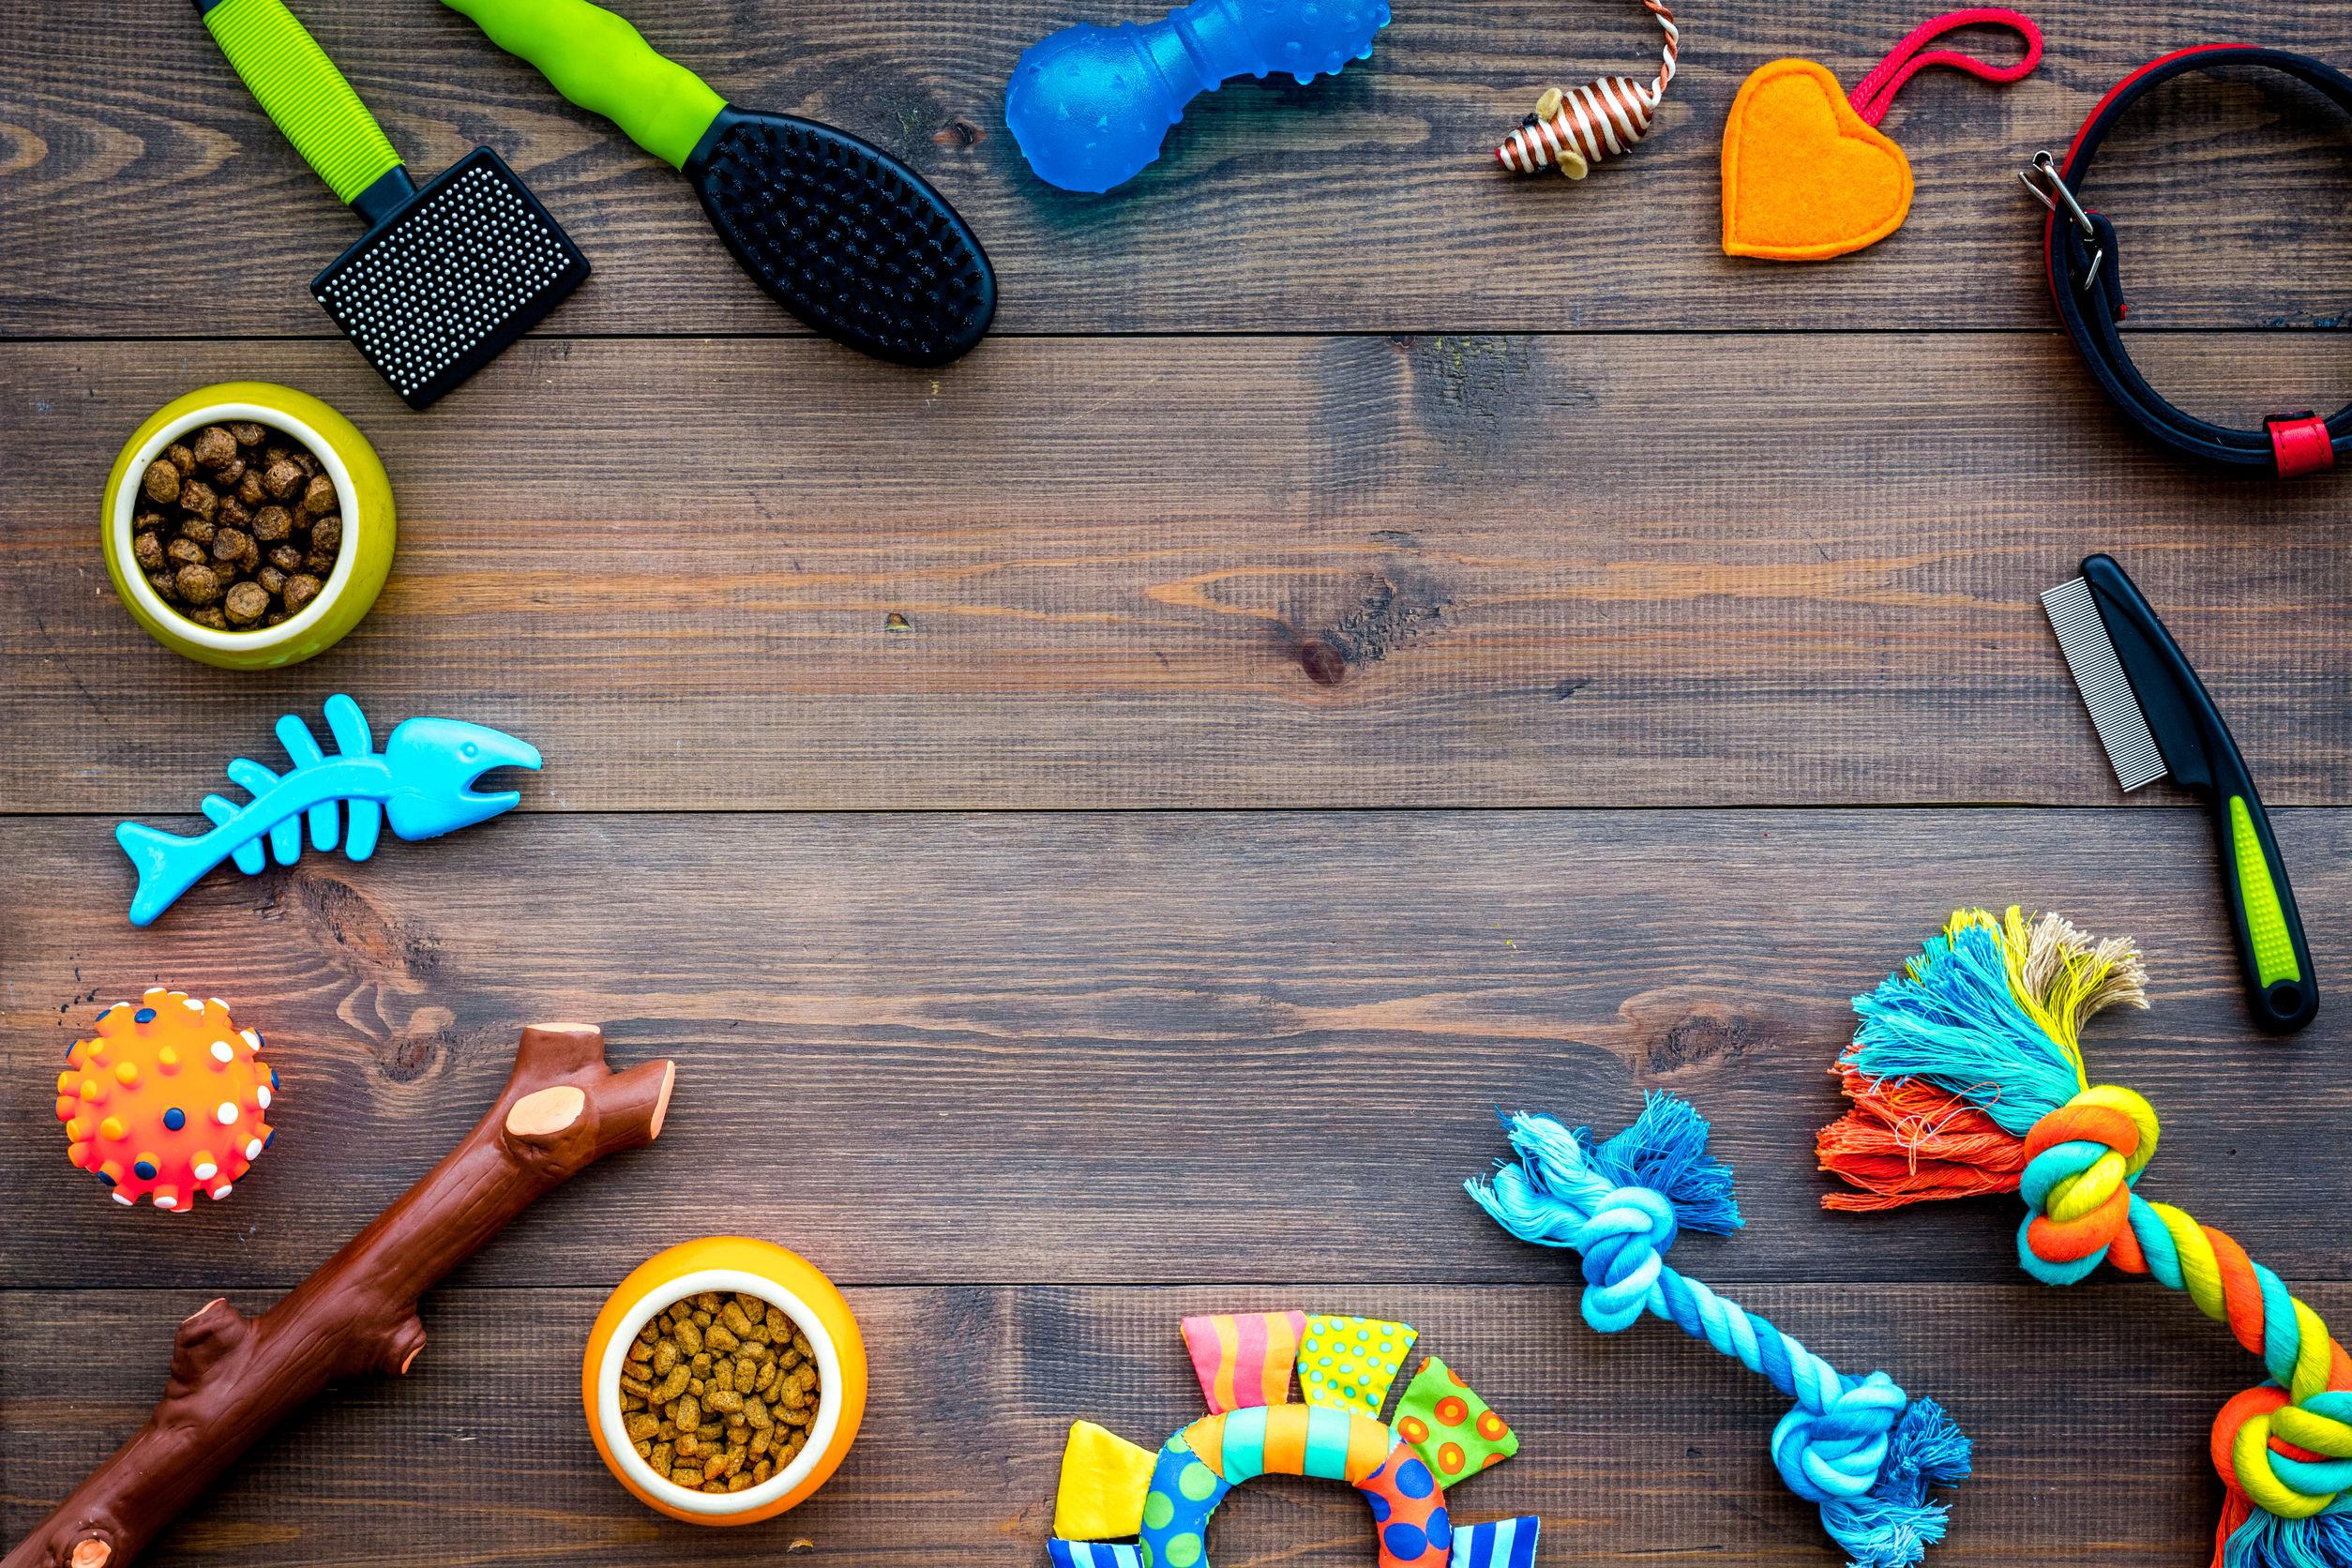 Intelligenzspielzeug für Hunde: Test & Empfehlungen (01/20)